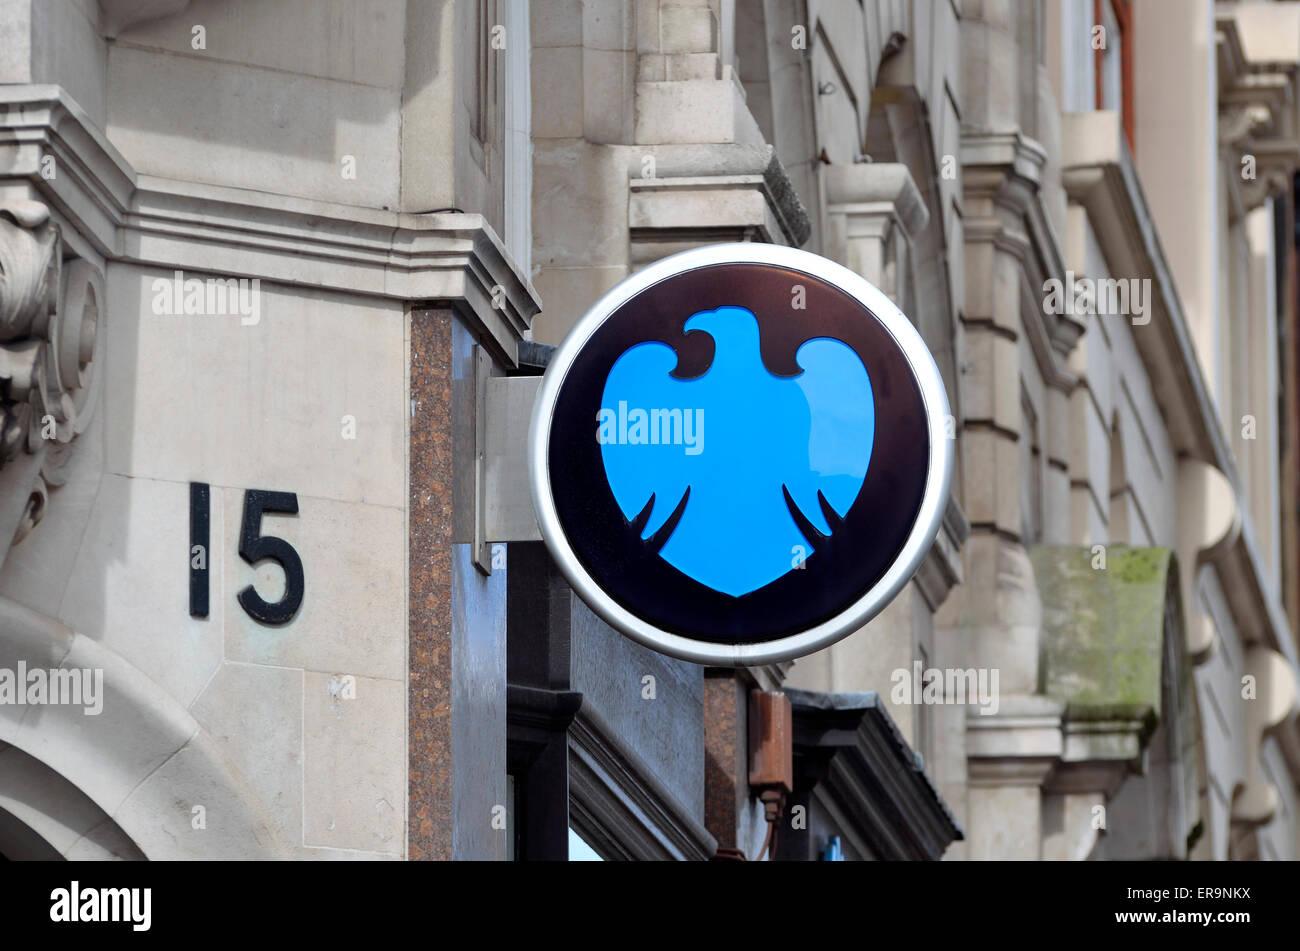 London, England, UK. Barclays Bank logo - Stock Image